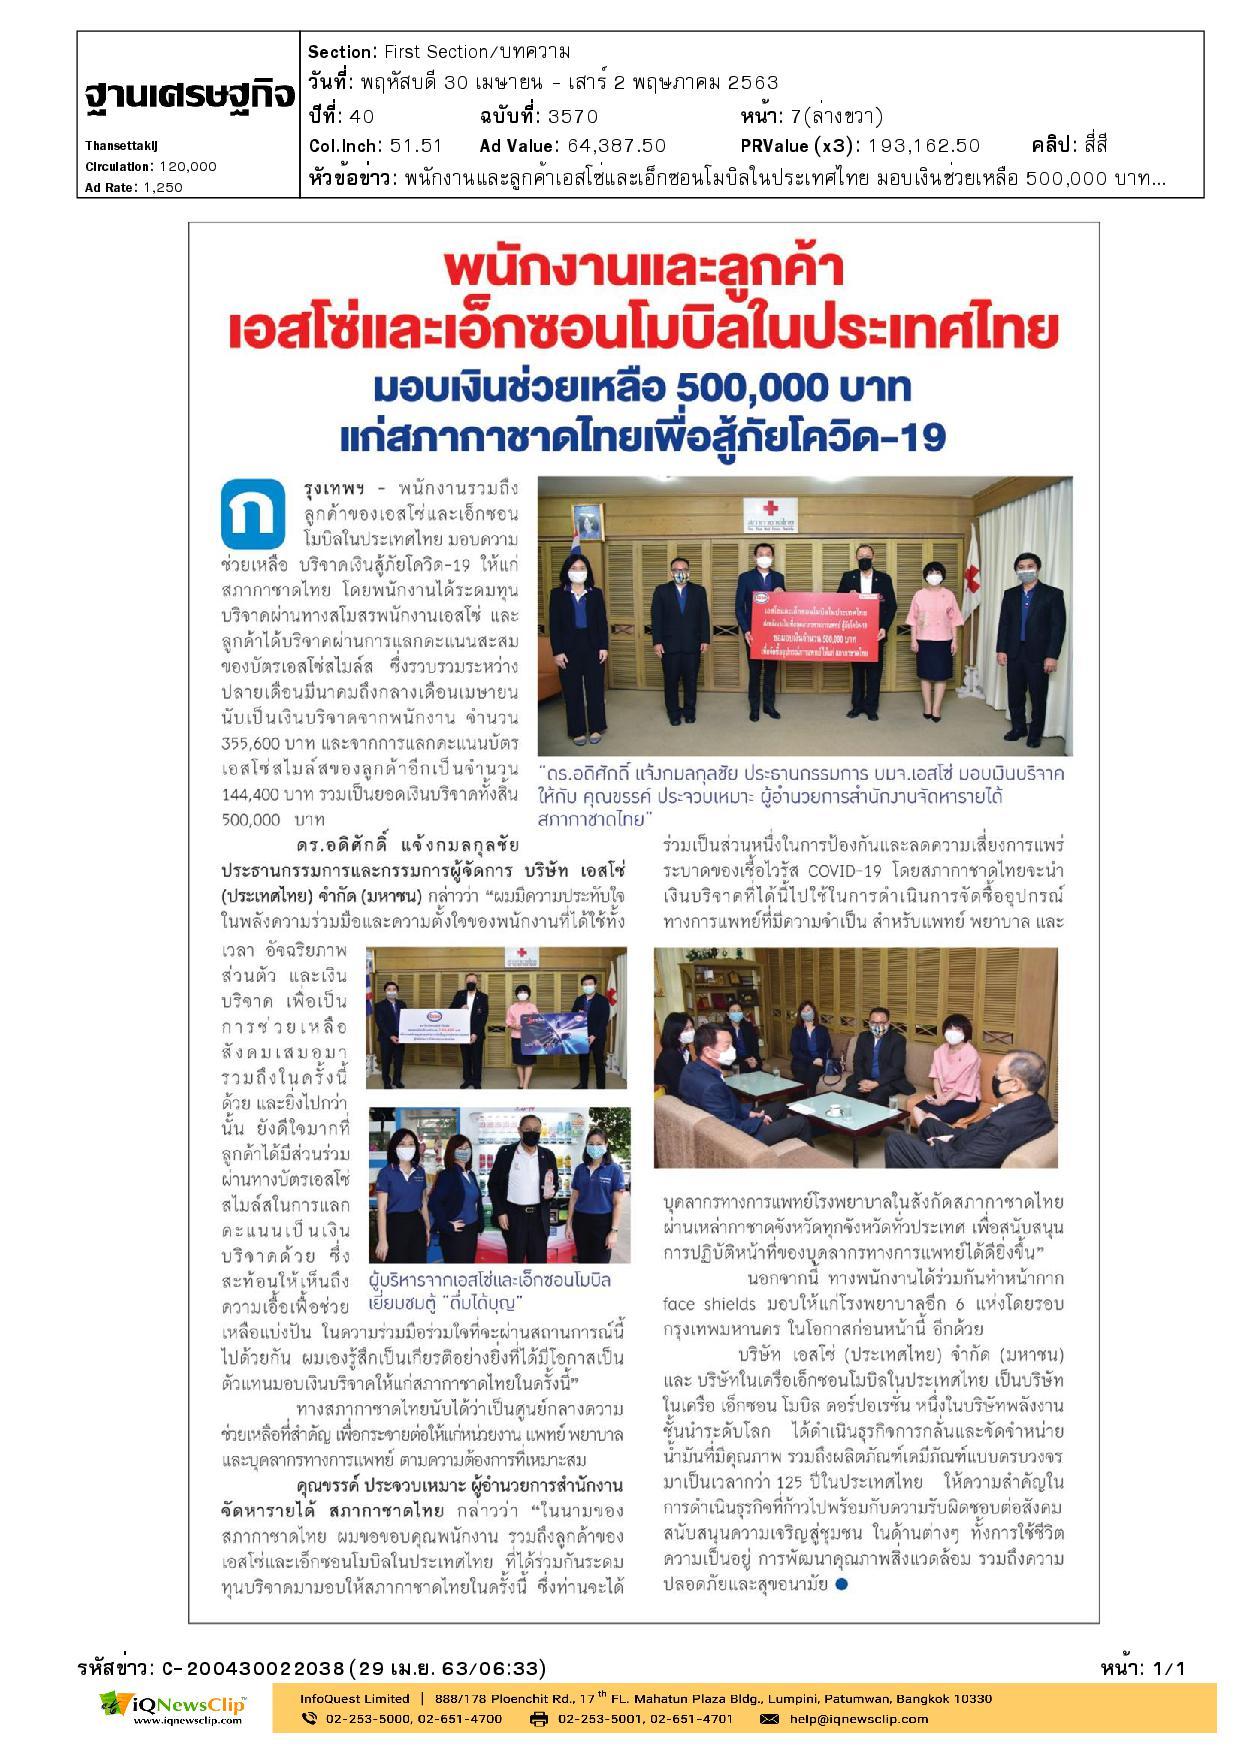 มอบเงินช่วยเหลือ แก่สภากาชาดไทยเพื่อสู้ภัยโควิด-19